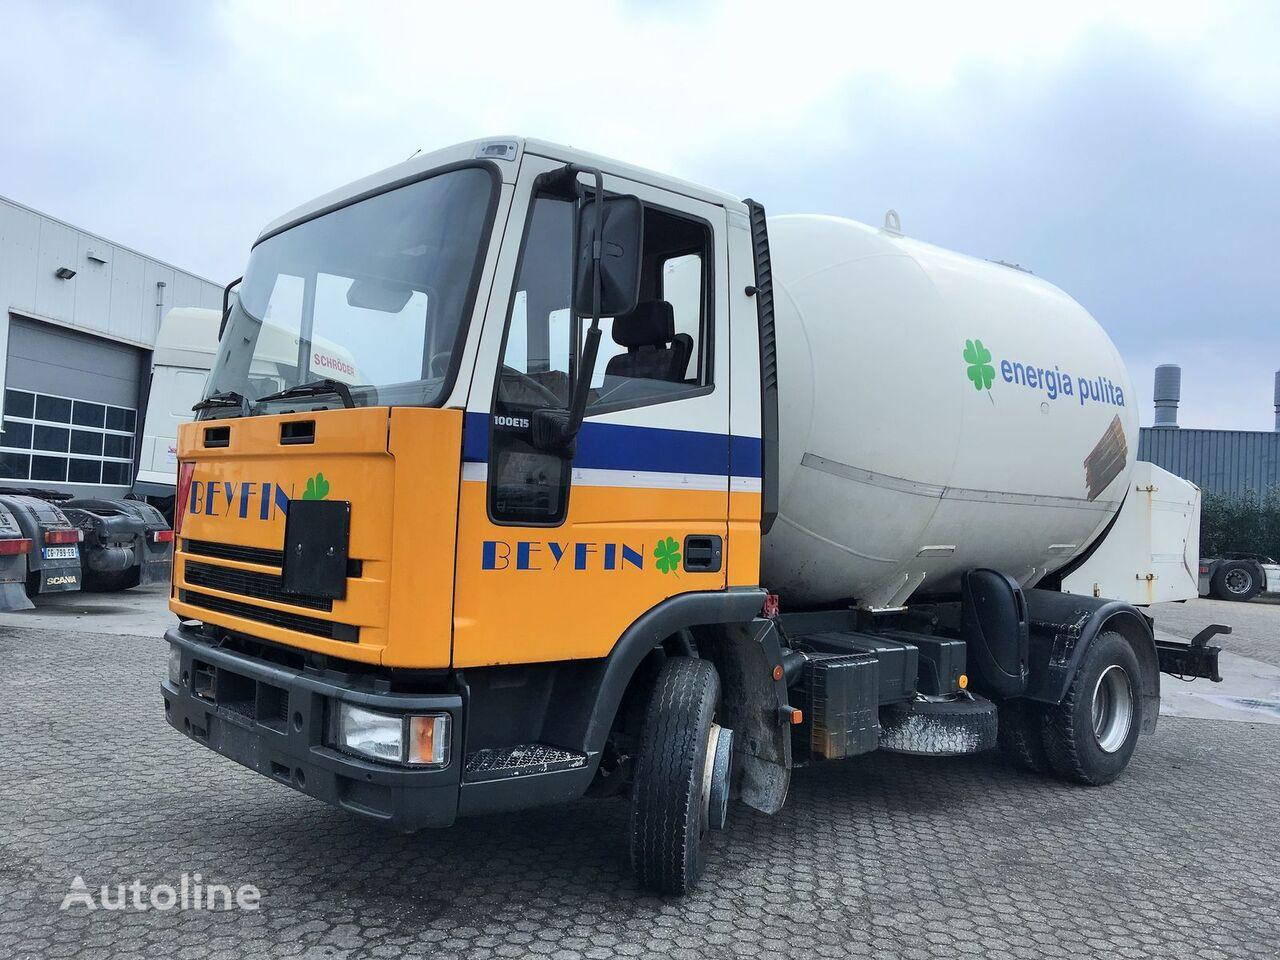 camion de gaz IVECO Iveco Gas - Gaz - ADR 2 - 10.000ltr - 27Bar - P27BH